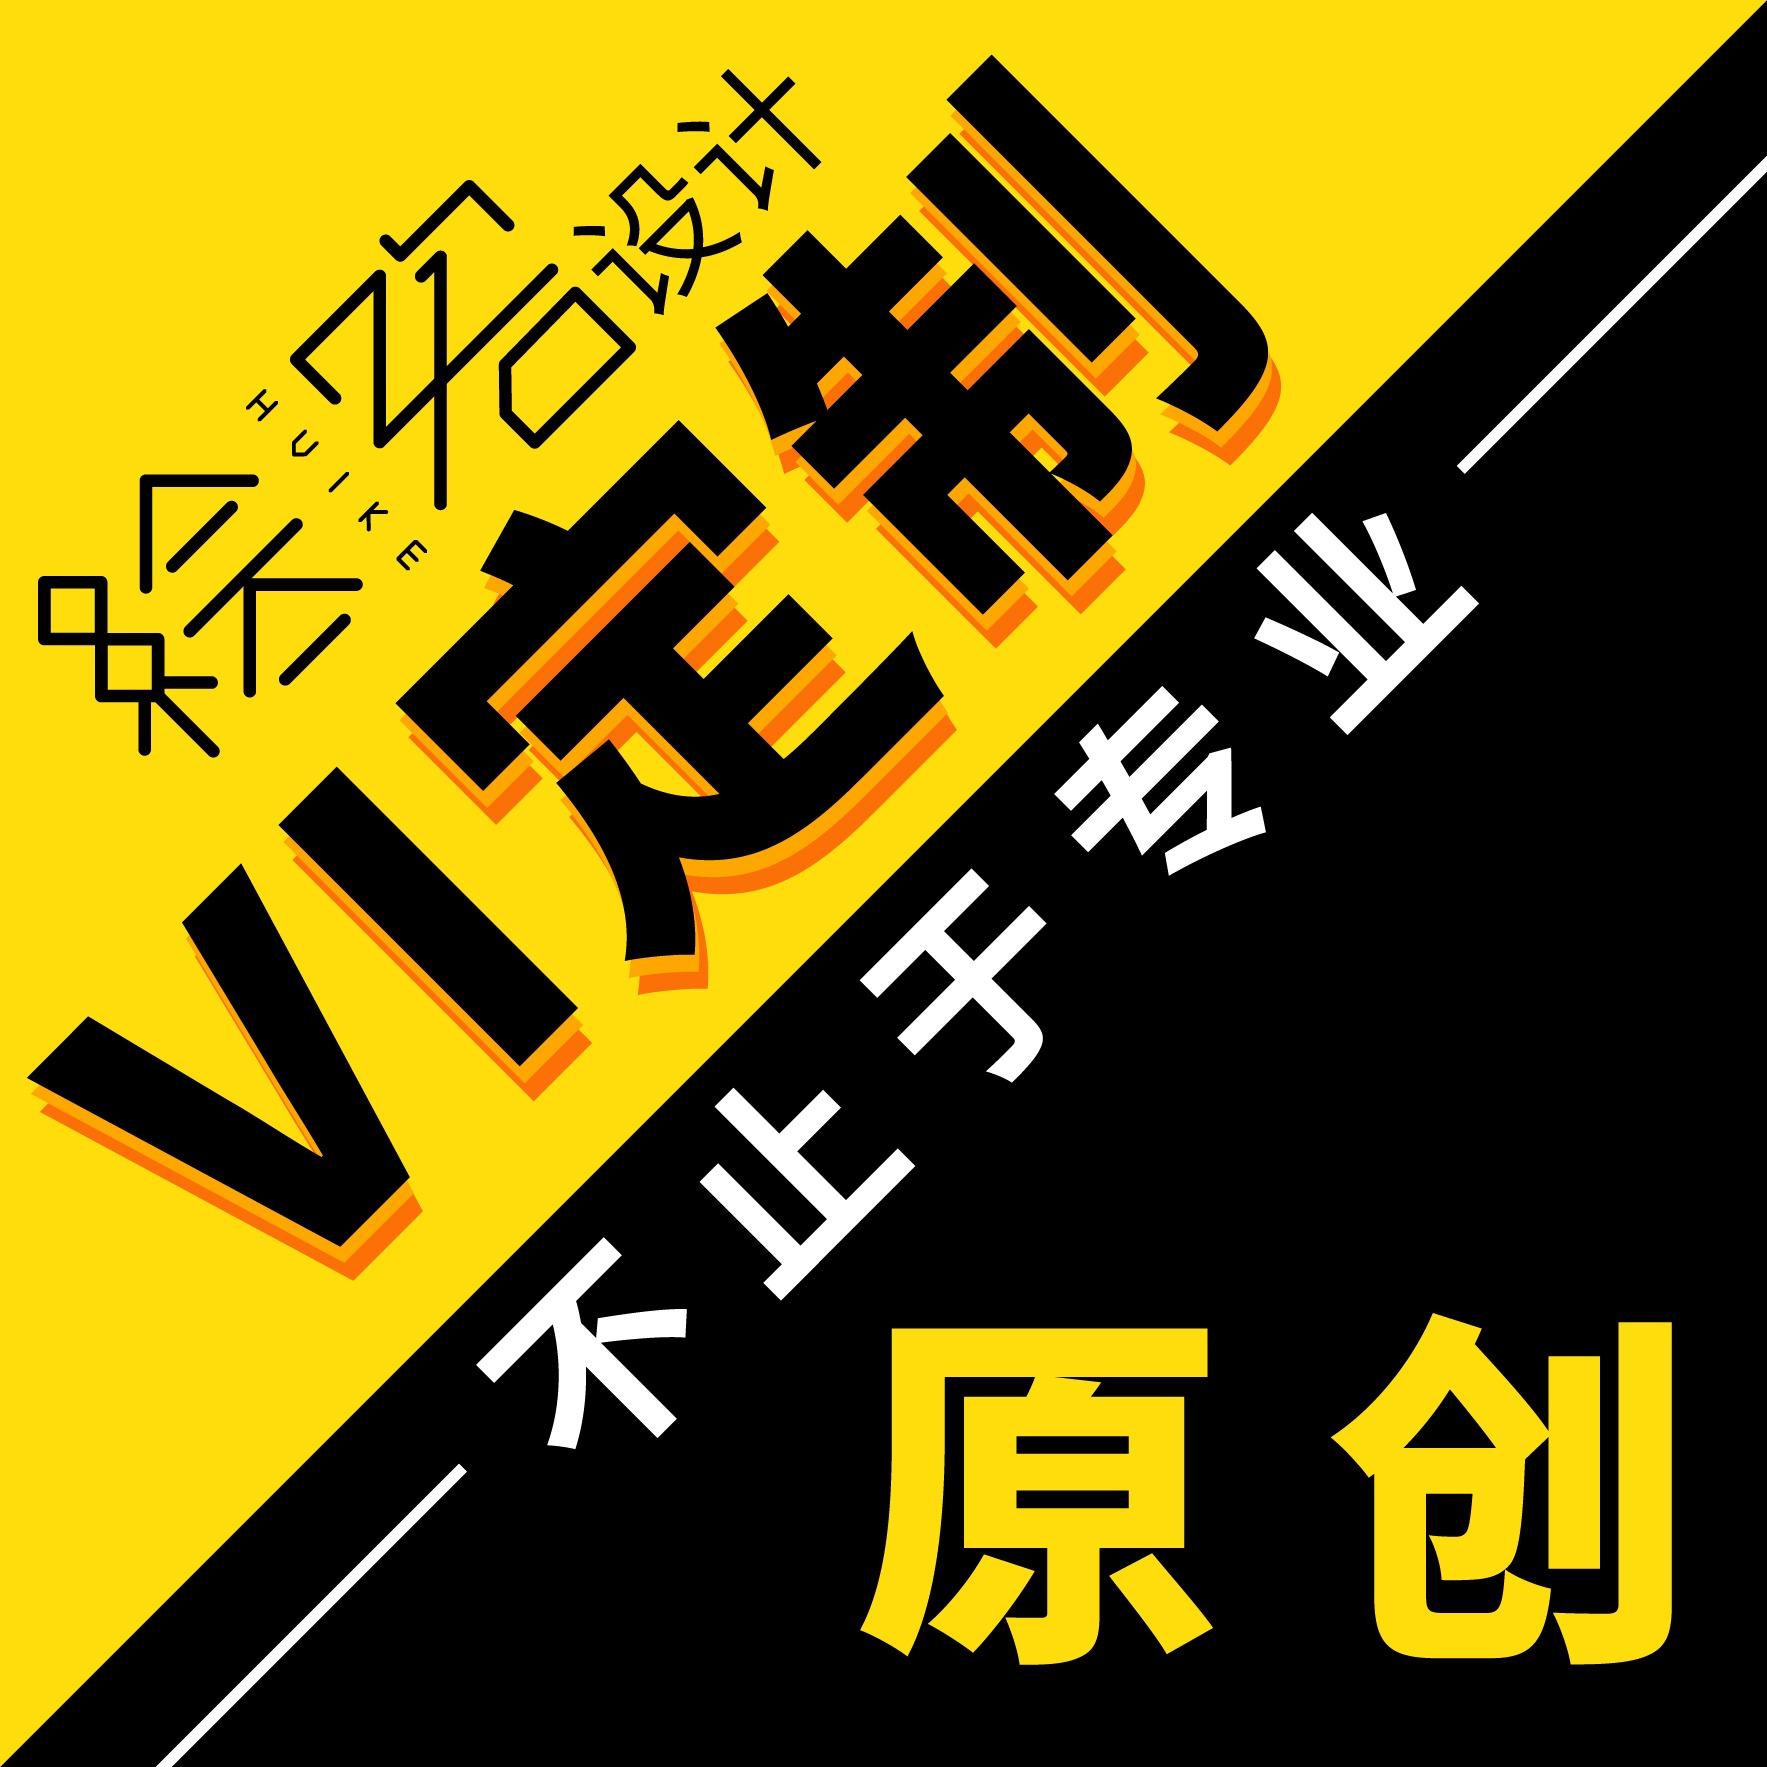 商场企业 vi 全套代做手册原创公司 vi s视觉手册品牌 设计 策划